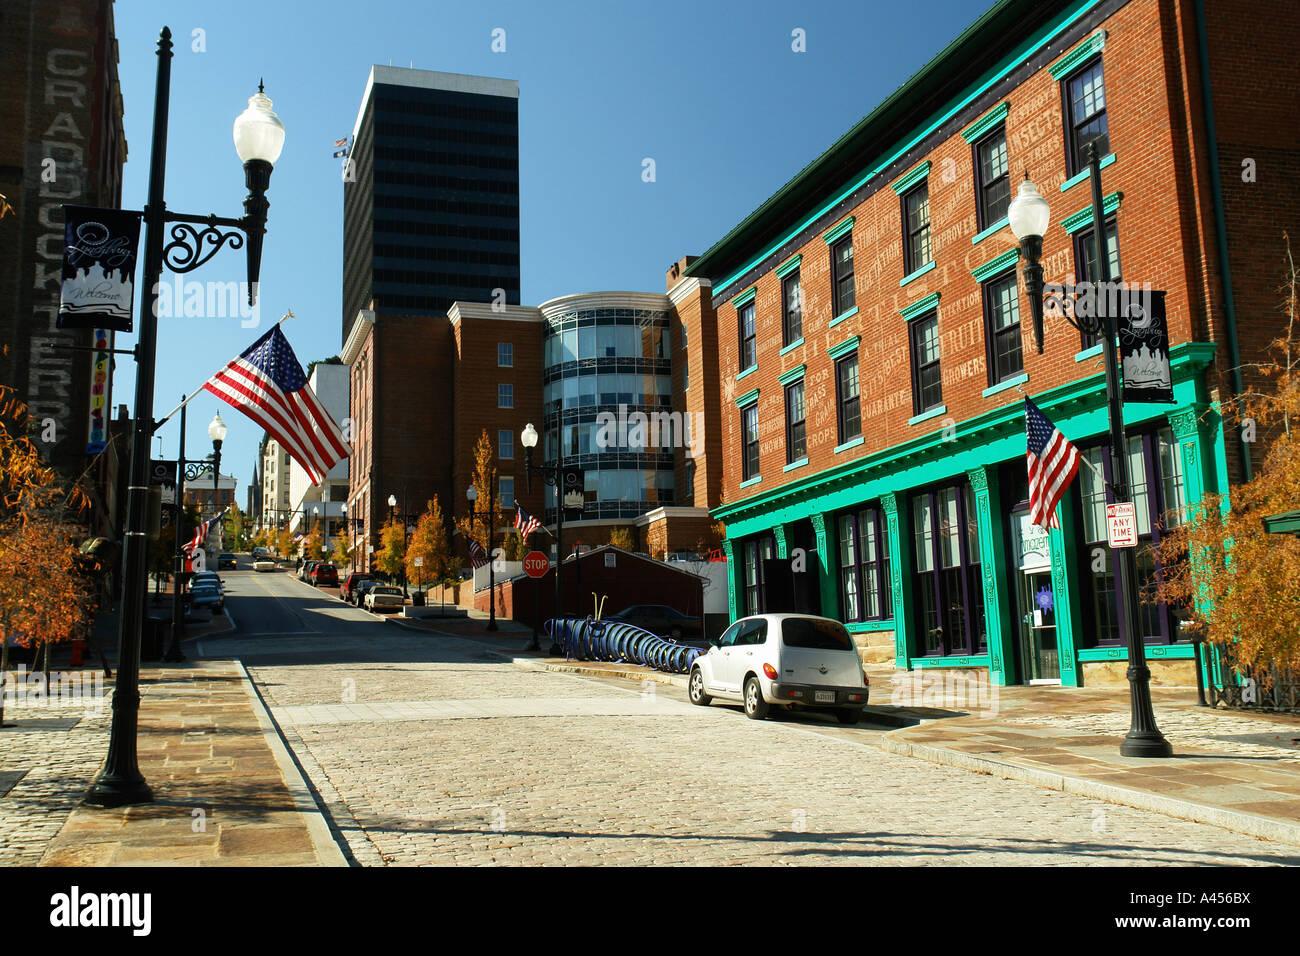 Country Kitchen Lynchburg Va Lynchburg Virginia Usa Downtown City Stock Photos Lynchburg